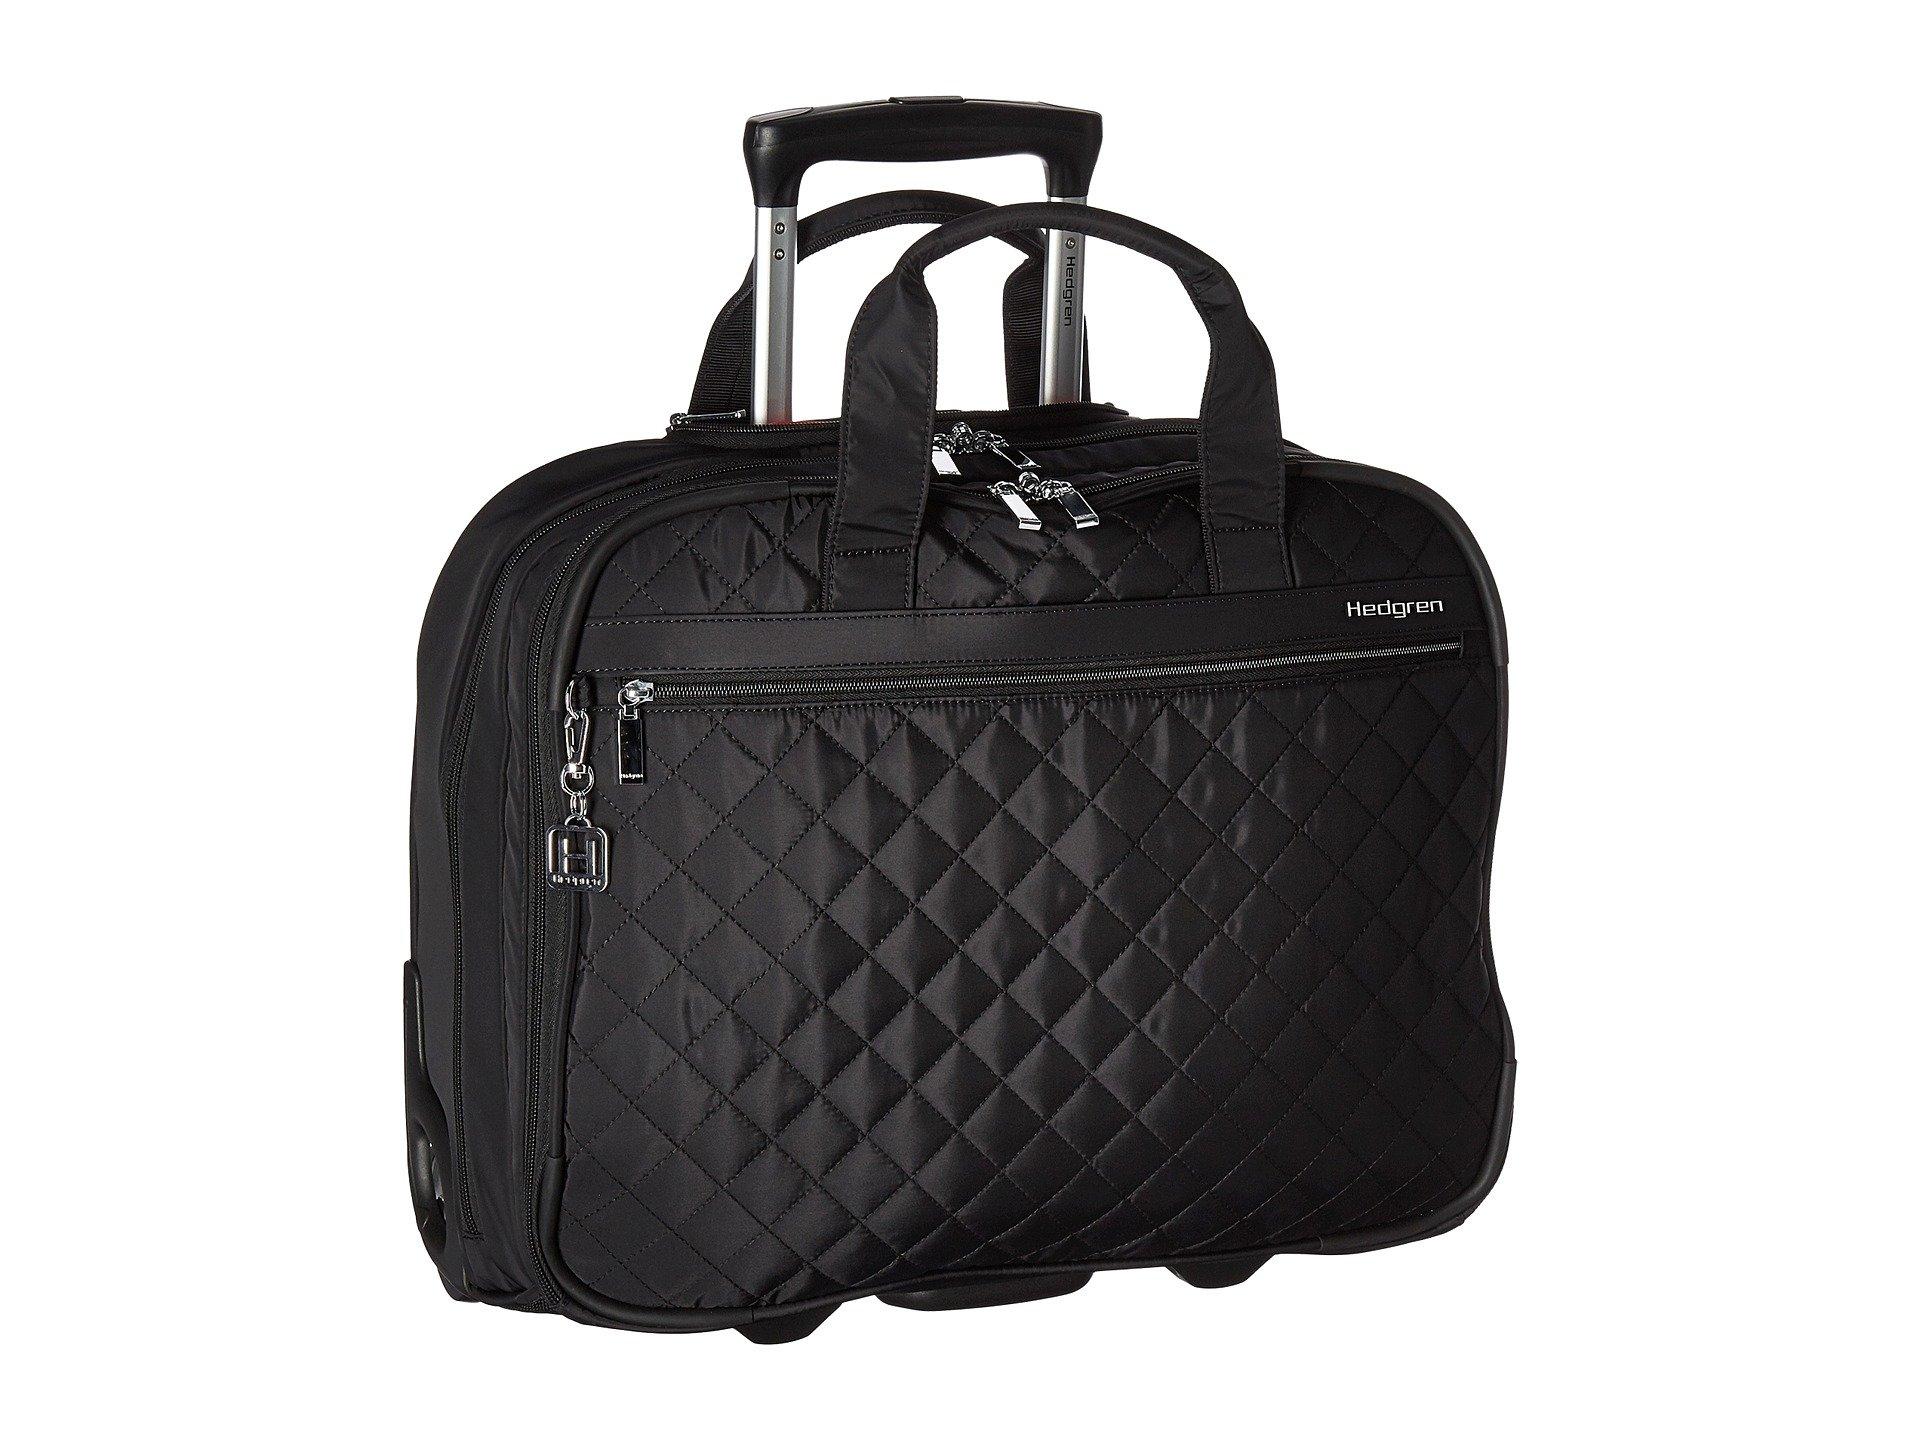 97335a54d0d1 Top Leather Laptop Bag Brands- Fenix Toulouse Handball